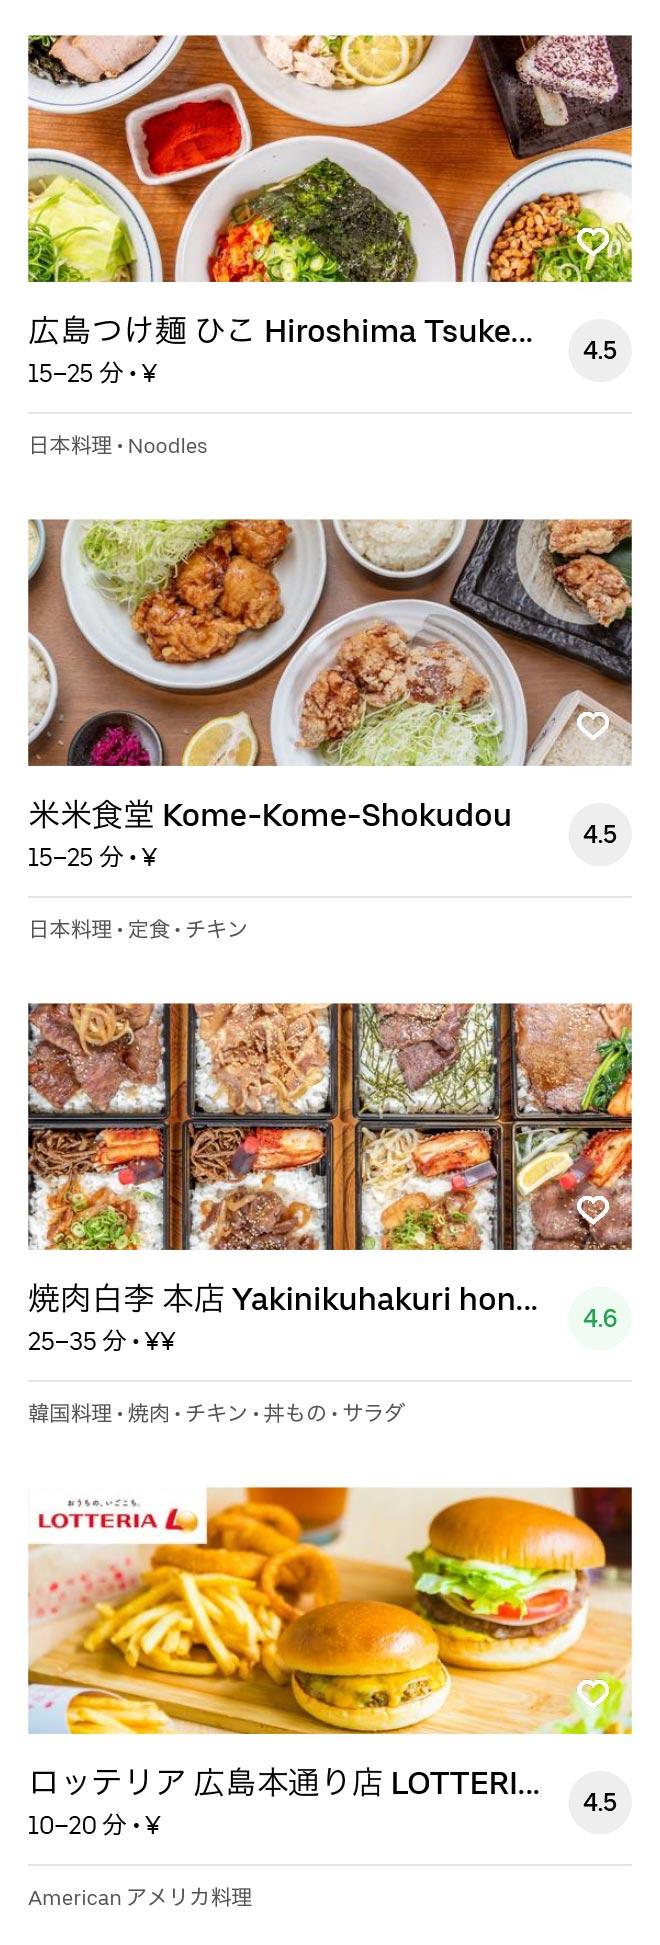 Hiroshima toukaimachi menu 2005 04